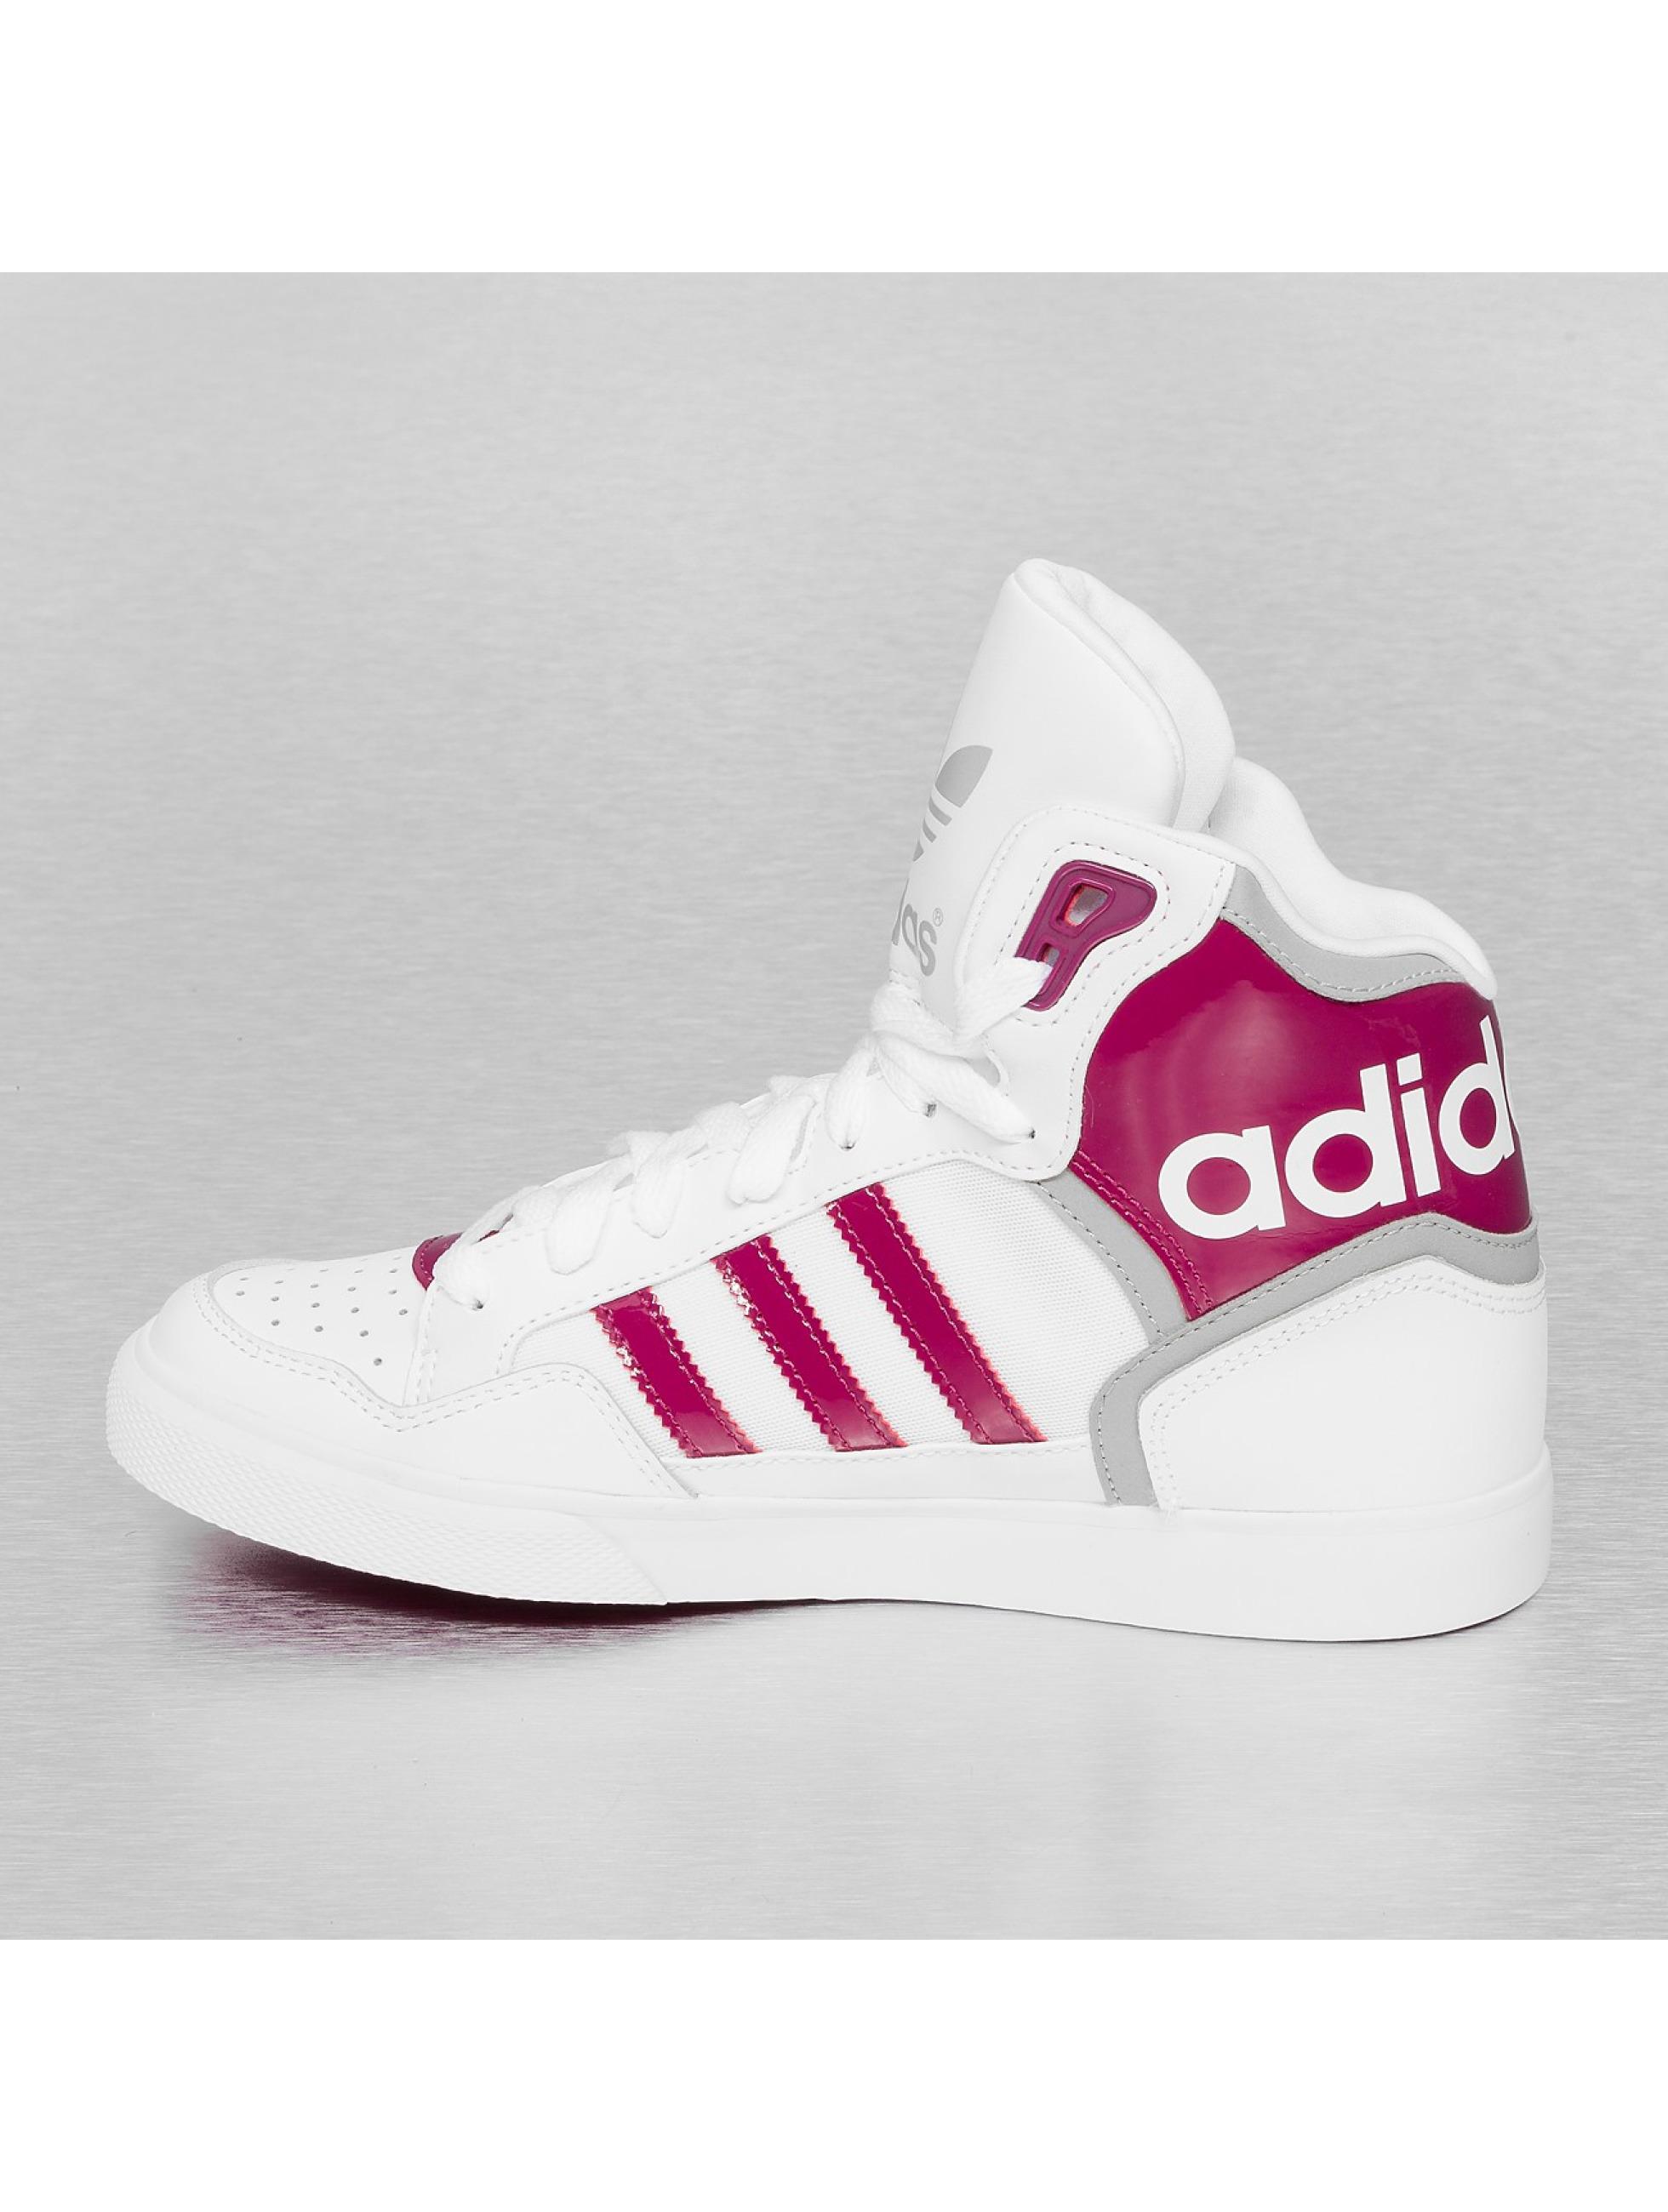 Szqpgumlv 8mnnwv0 Damen Weiß Adidas Schuhe Pink pqUzMjGLSV